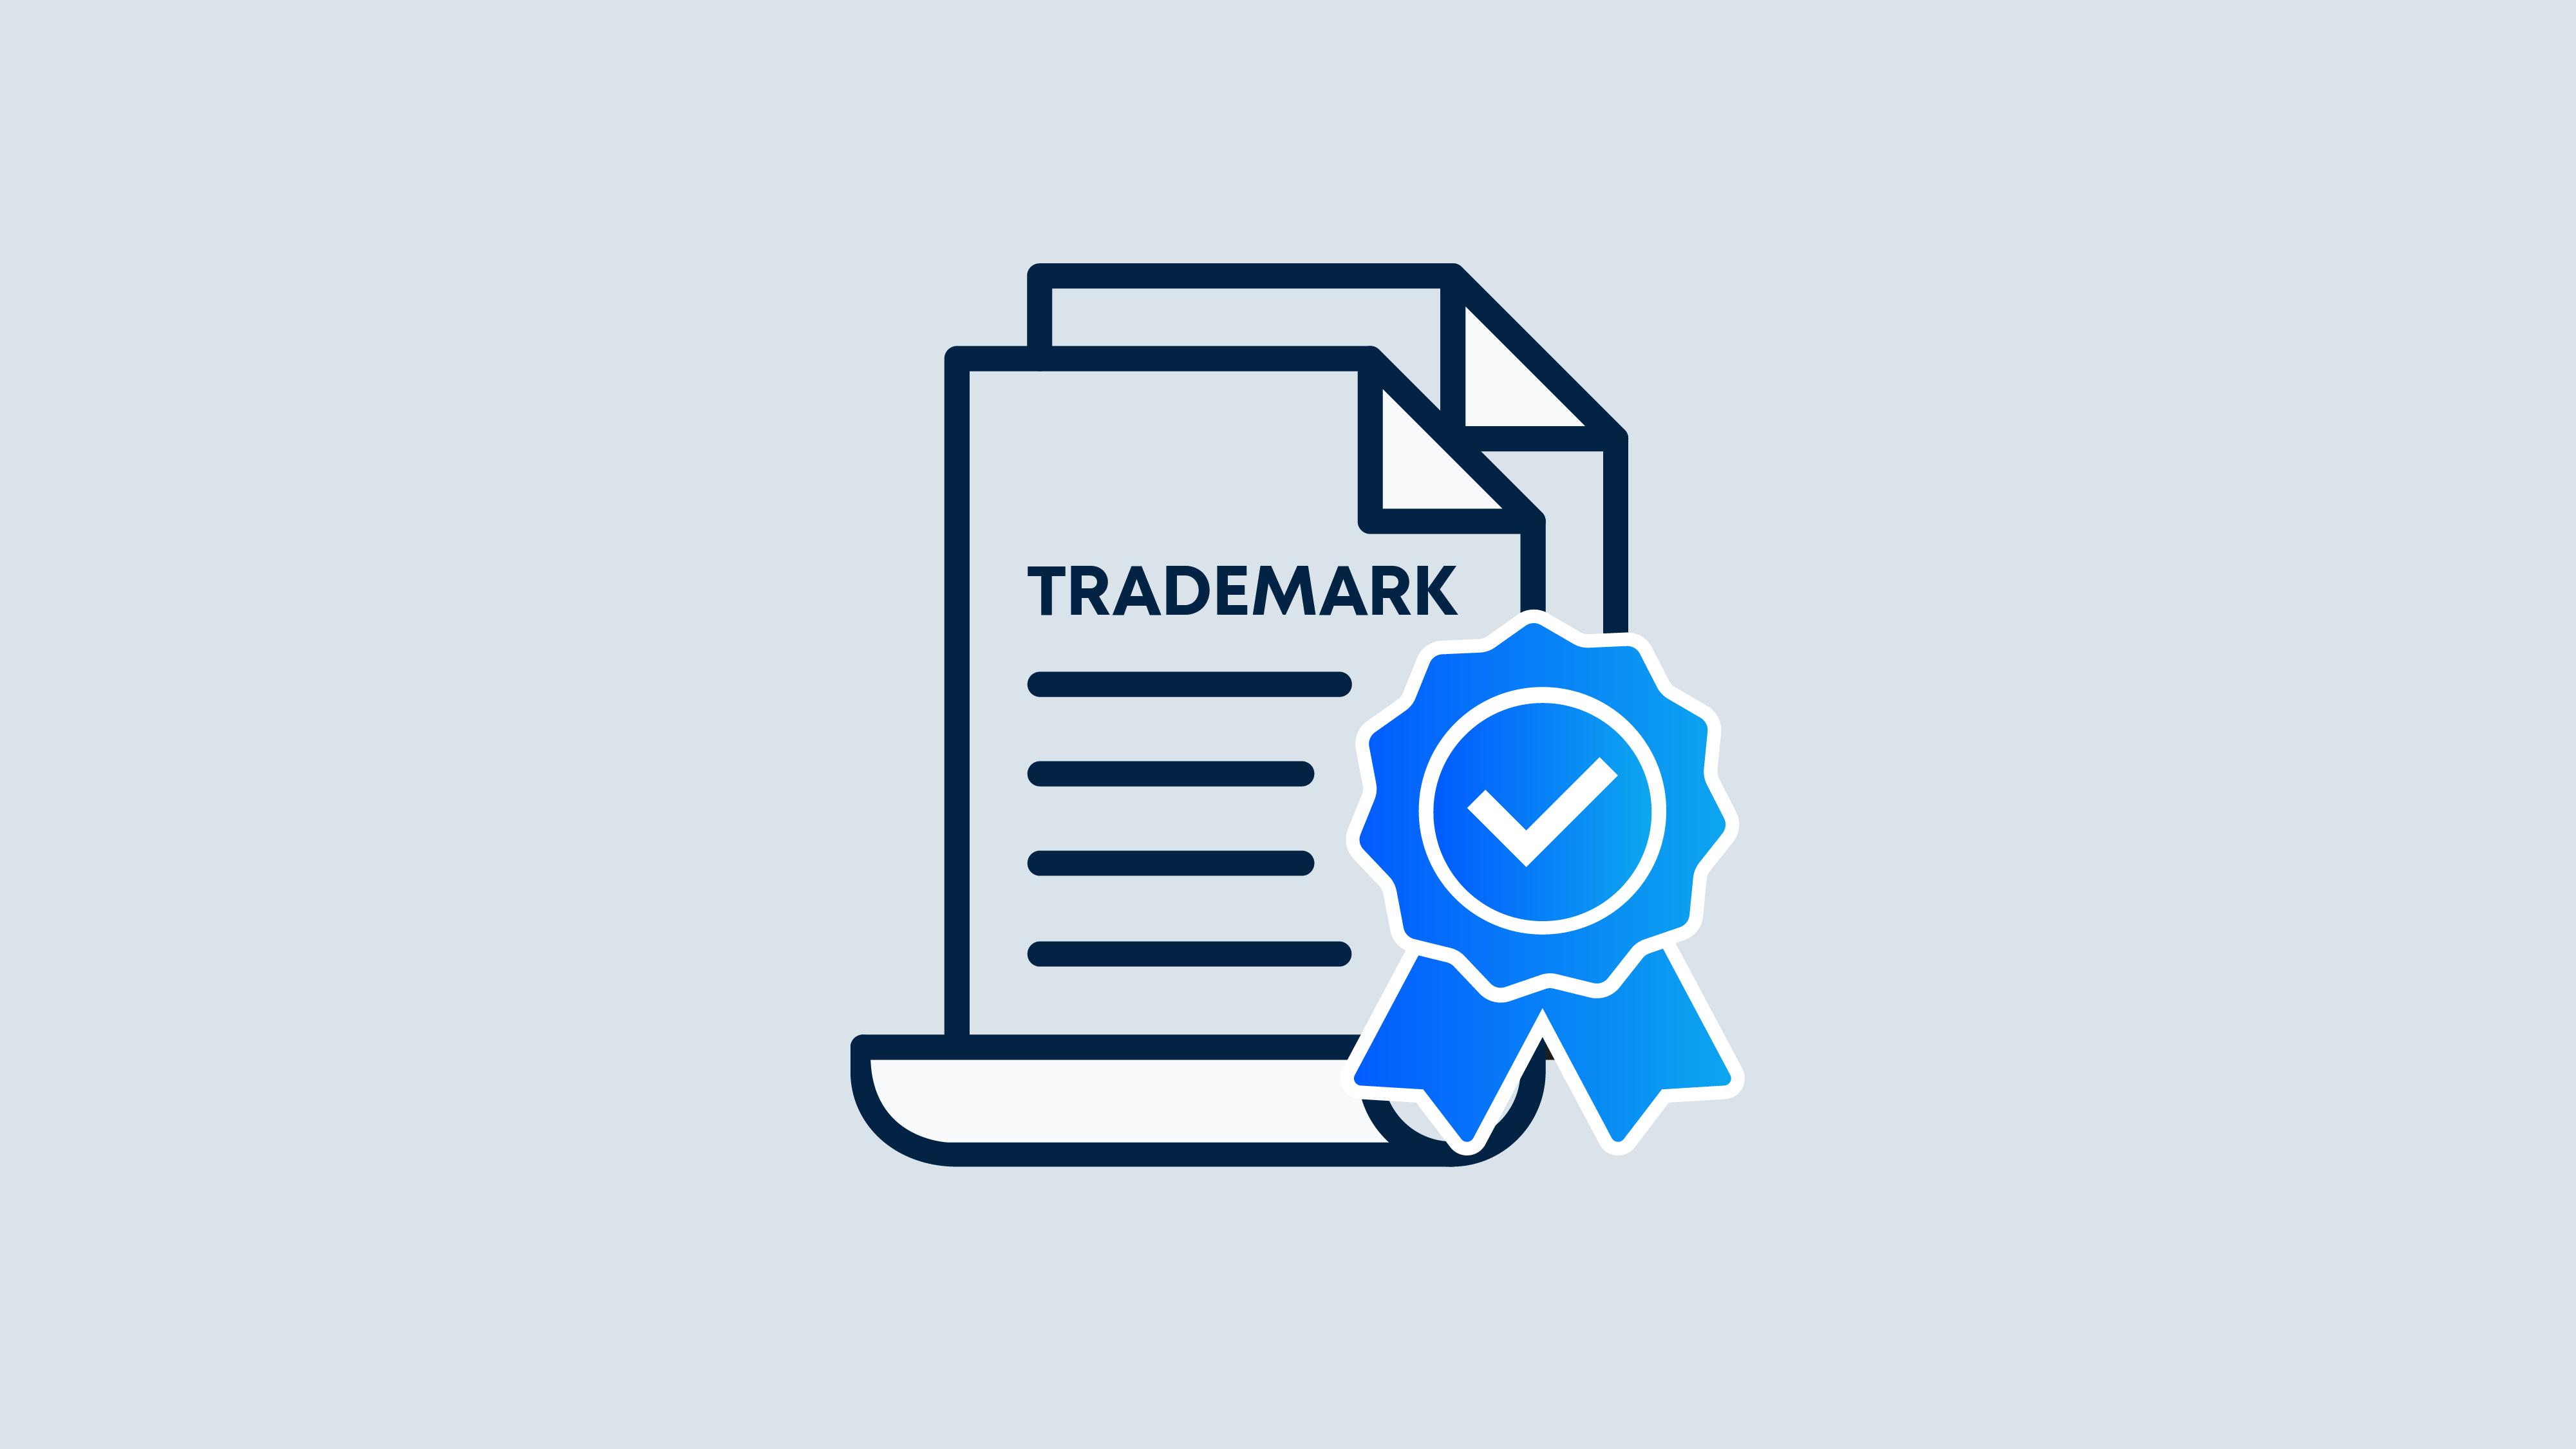 Illustration of a trademark registration.